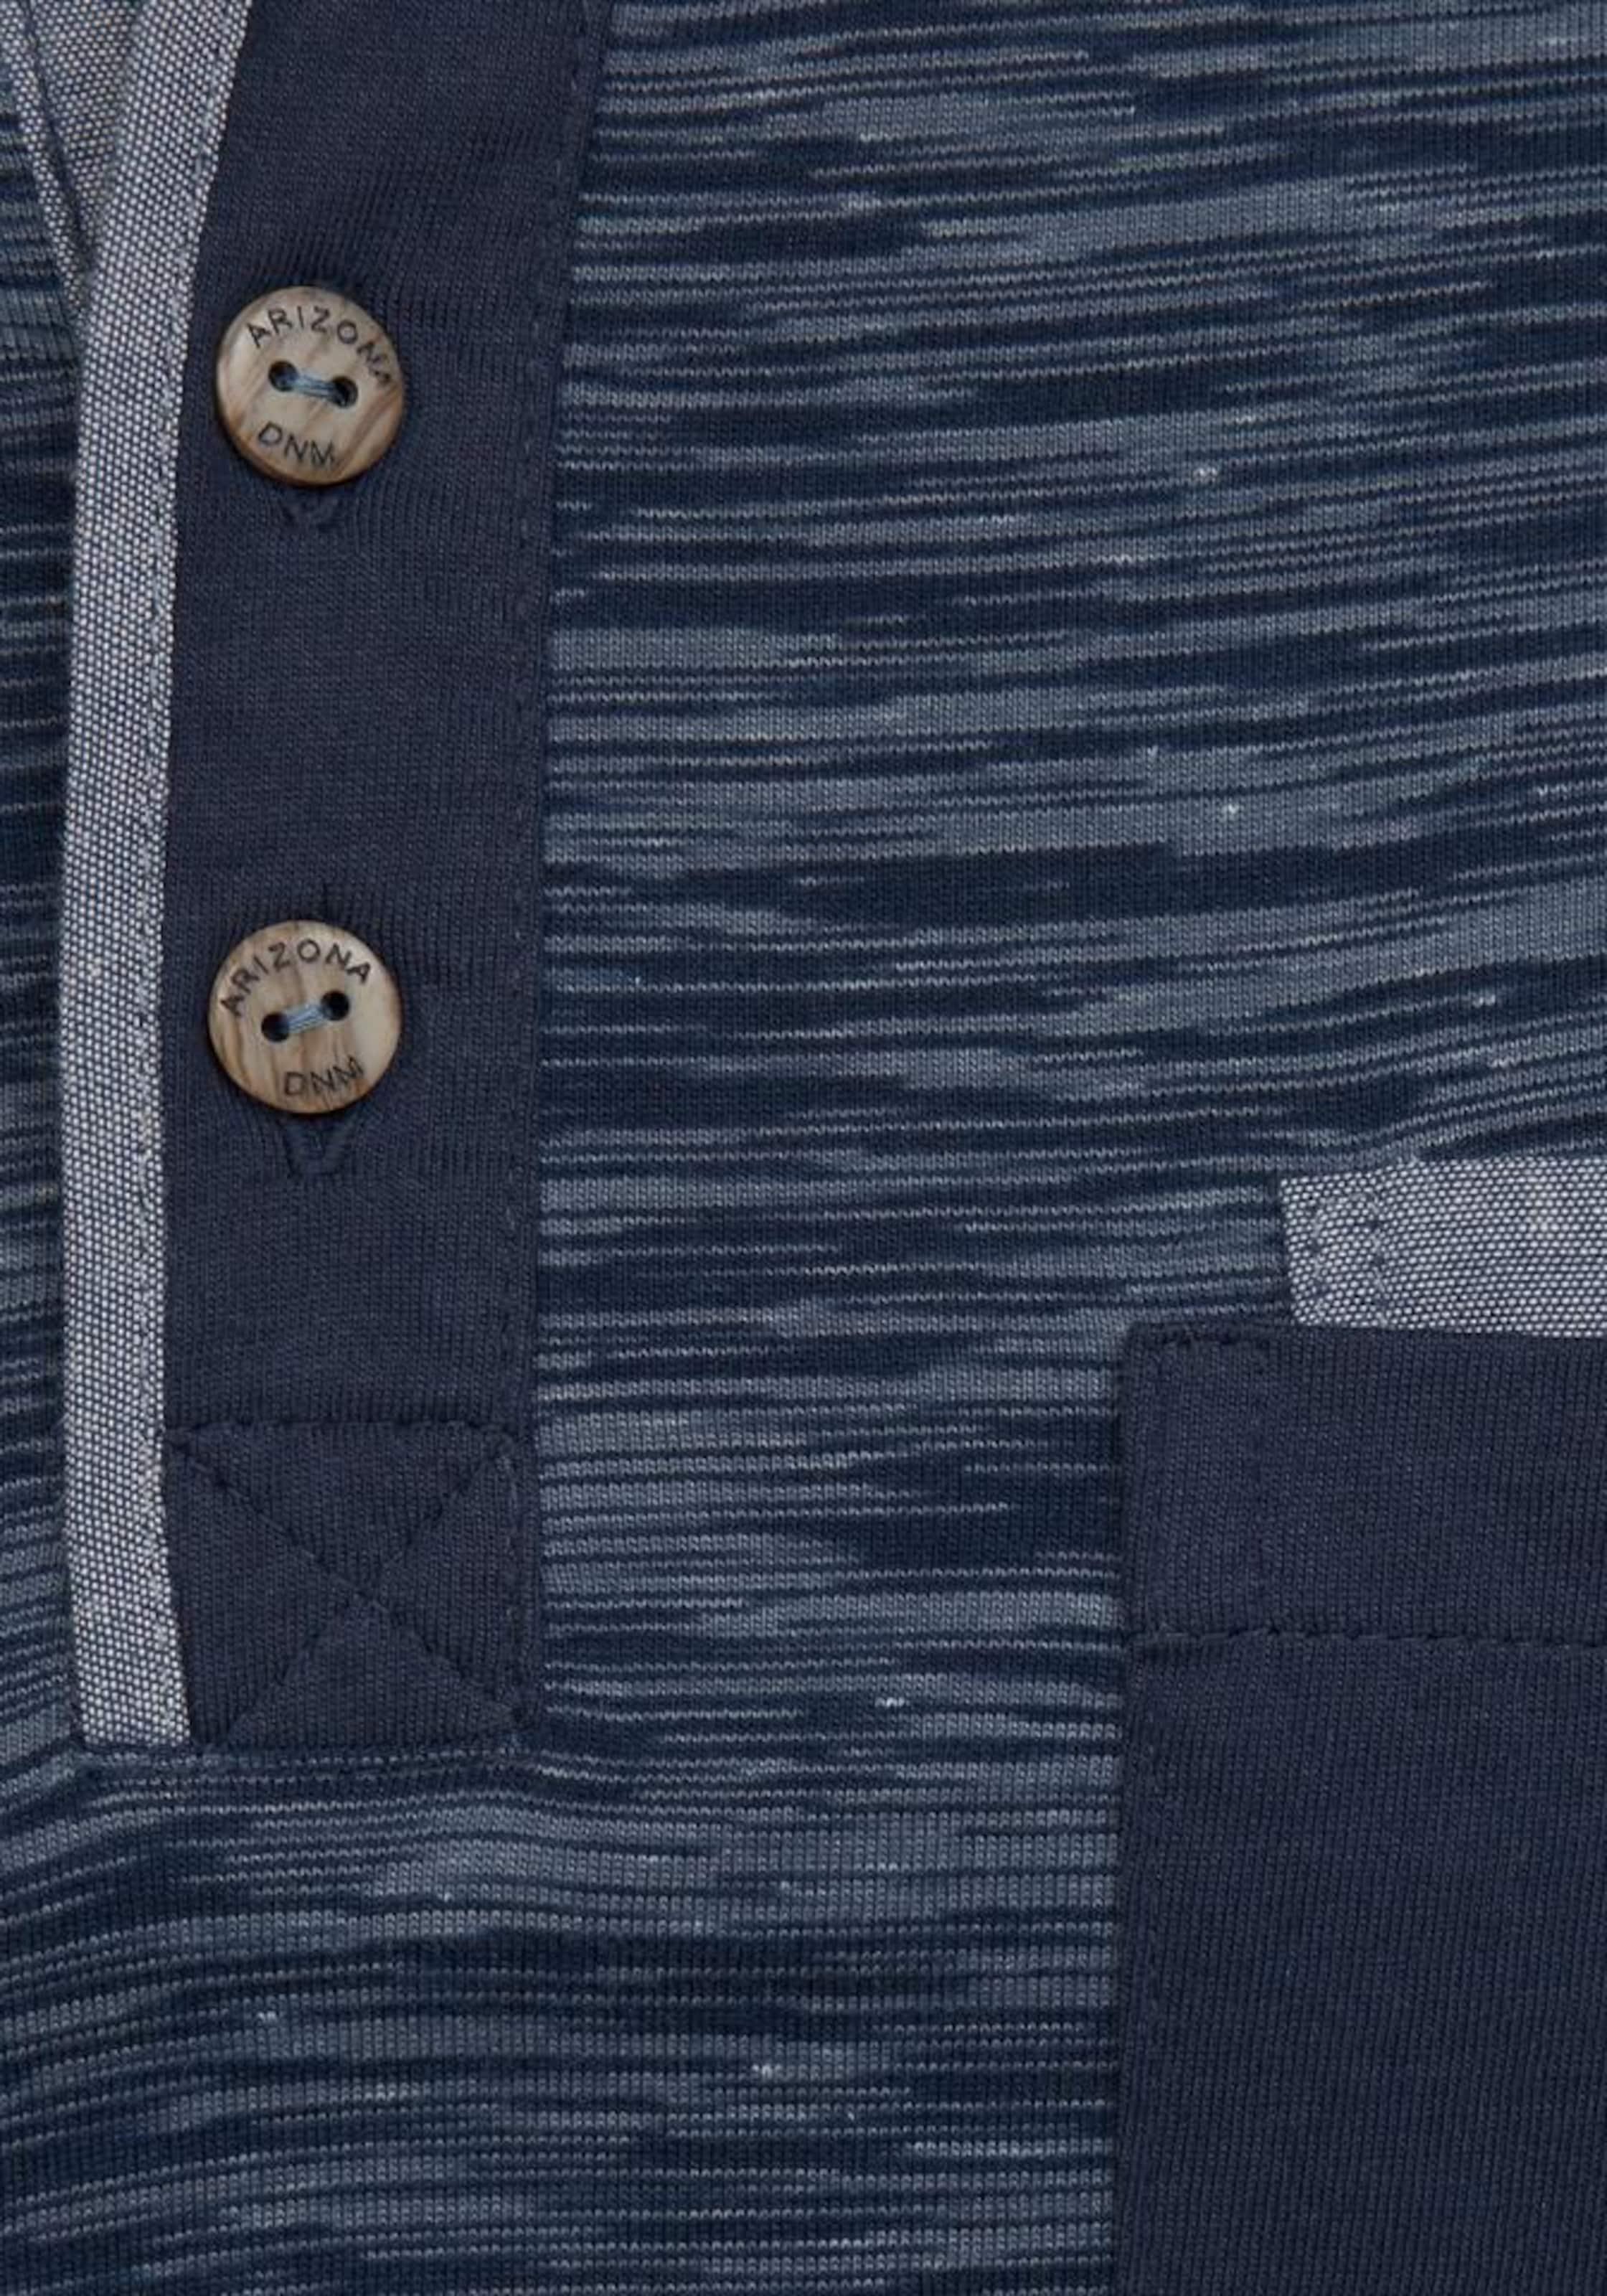 Blau Arizona Blau In Arizona Arizona In Langarmshirt Langarmshirt Langarmshirt In OwPXkn80